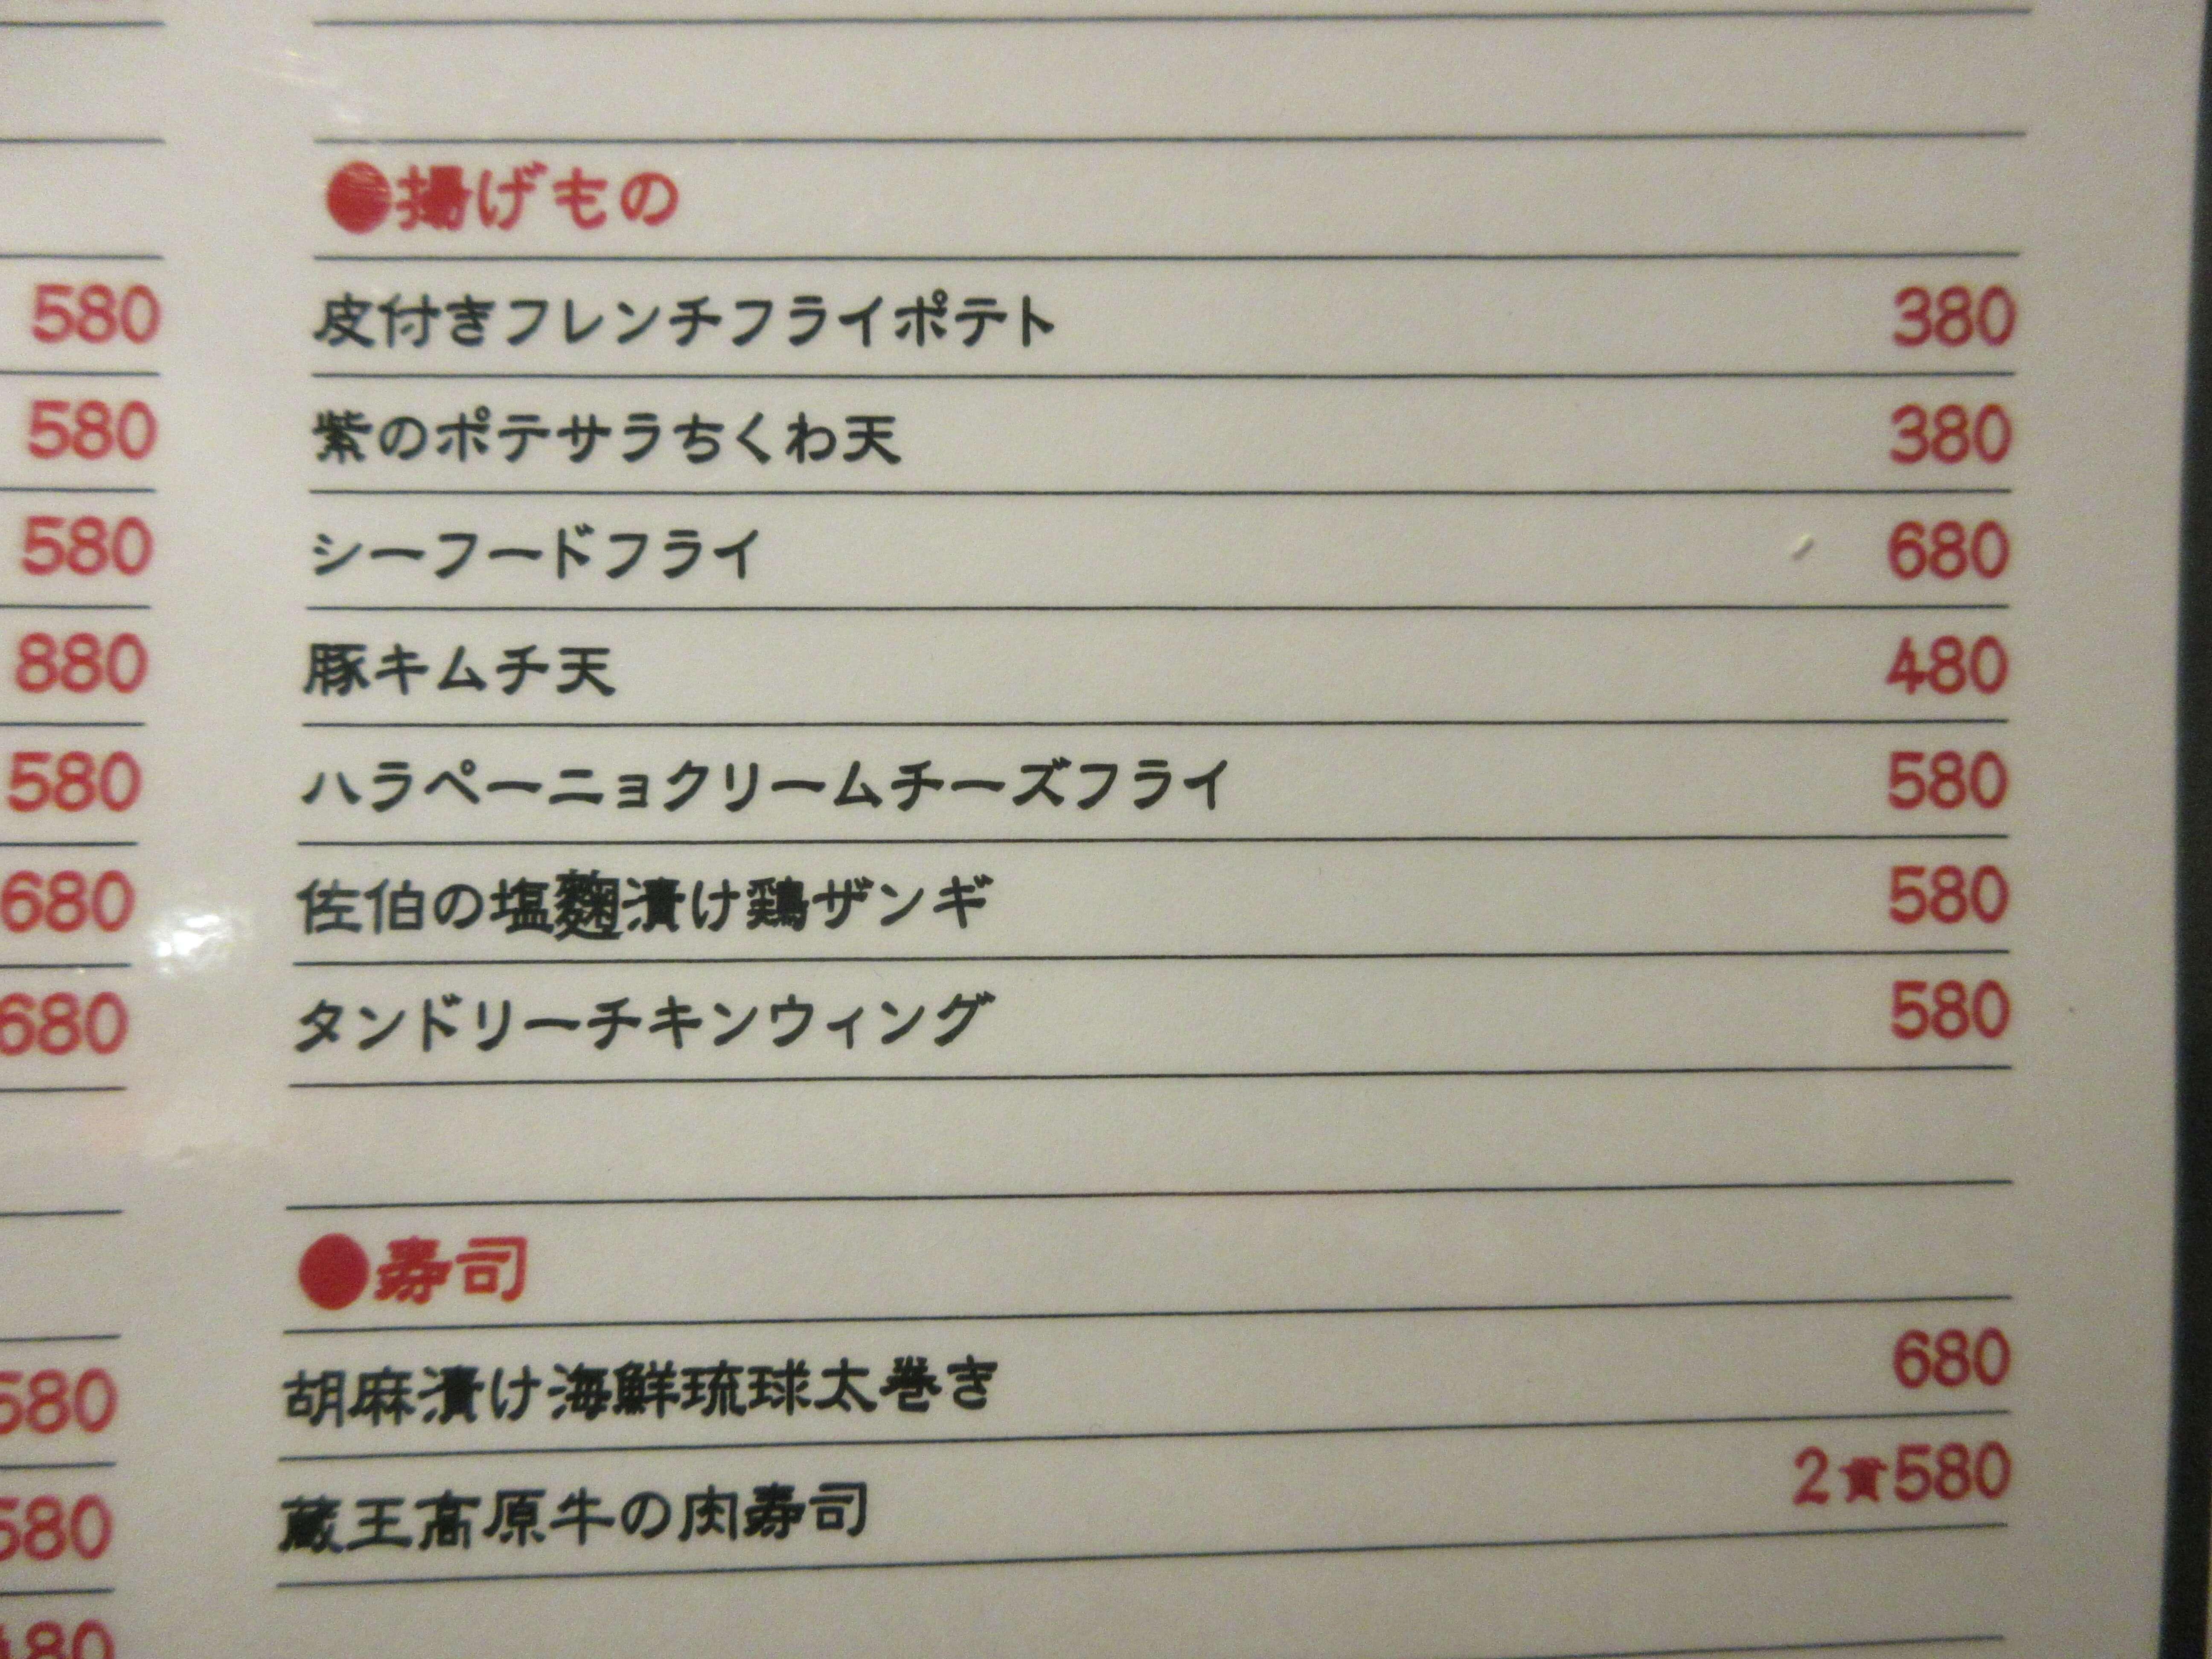 大衆アラカルト ギャルソンのフードメニュー(揚げもの・寿司)